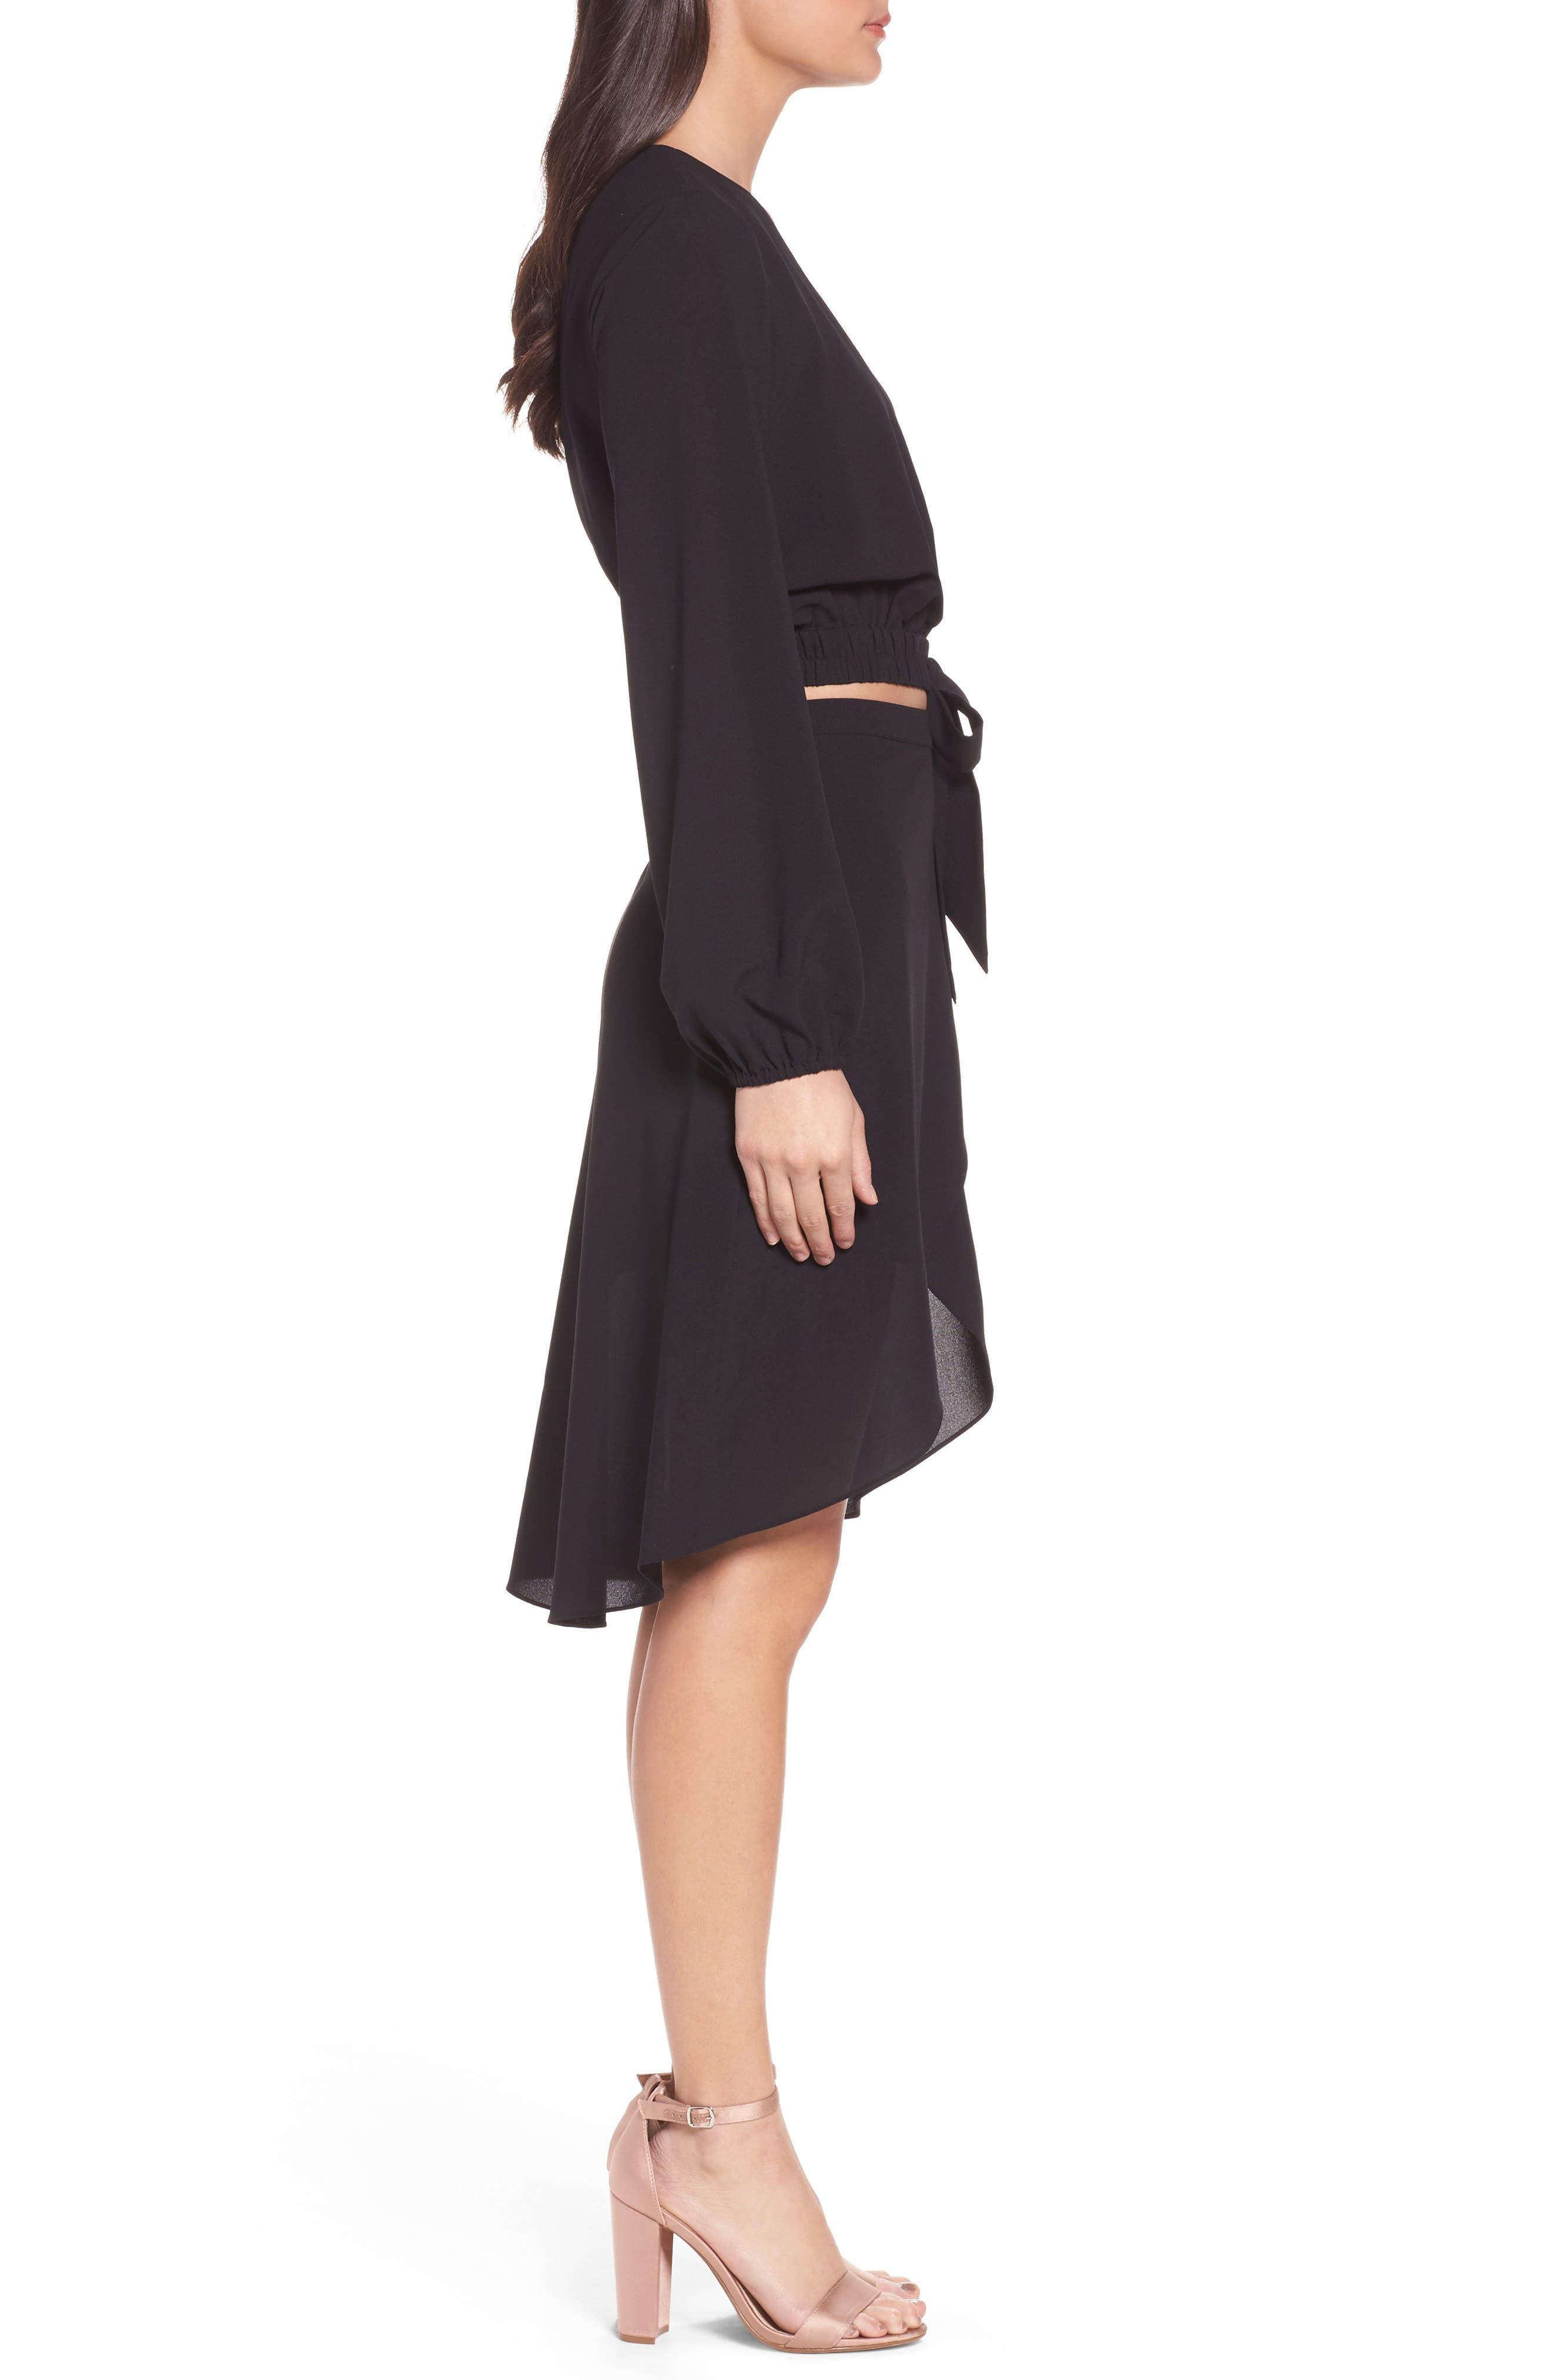 St. Tropez Two-Piece Dress,                             Alternate thumbnail 4, color,                             Black